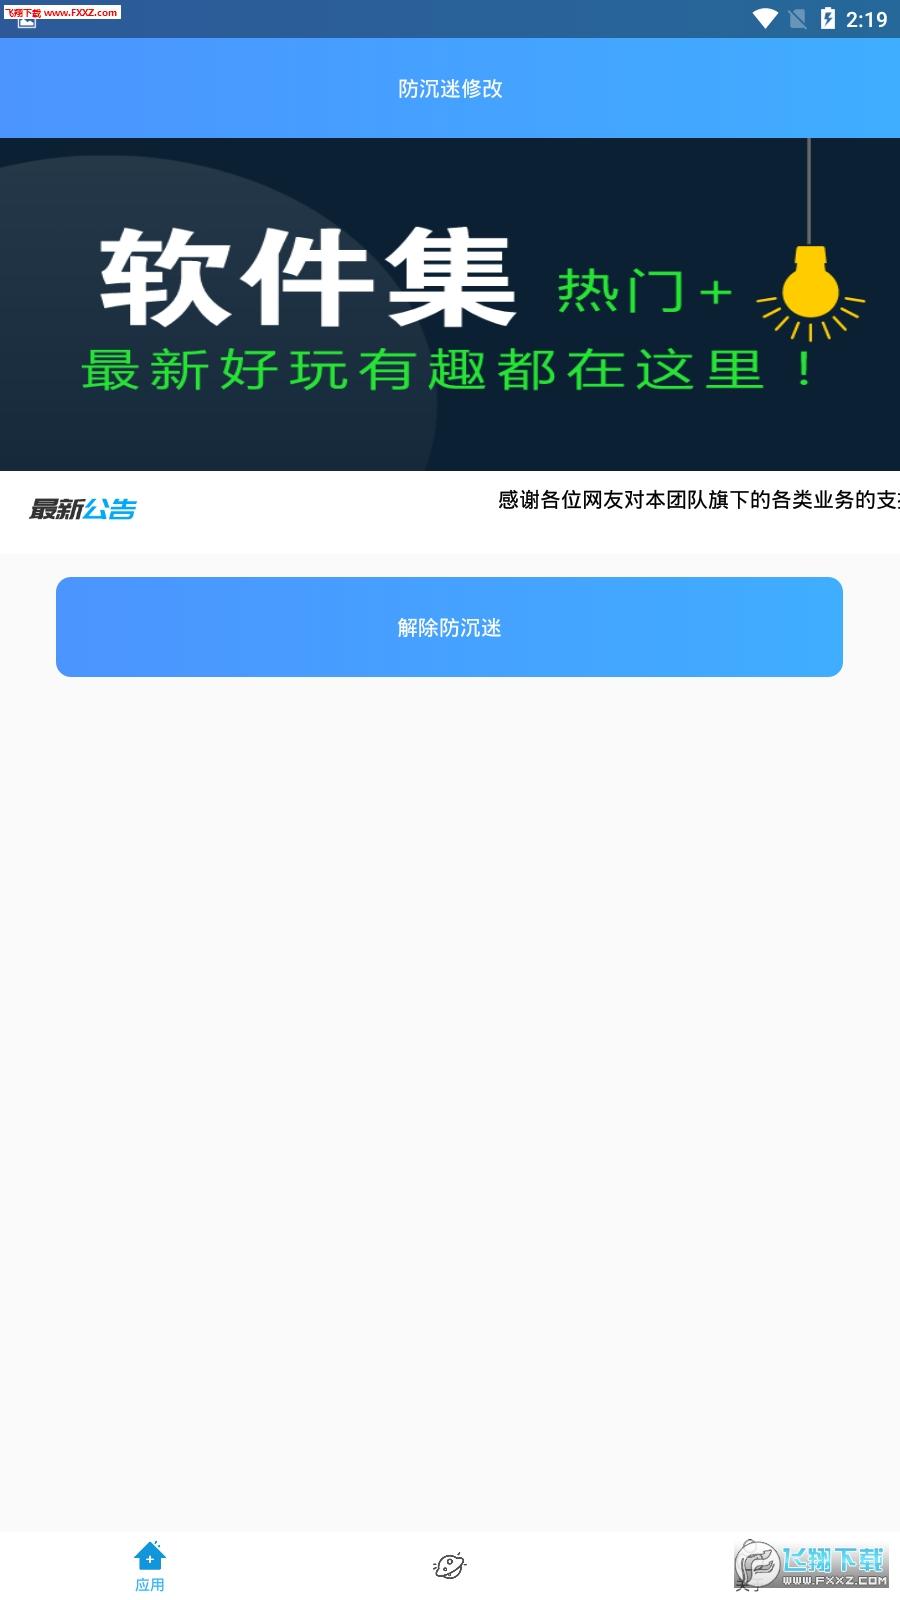 腾讯游戏防沉迷修改appv1.0截图0